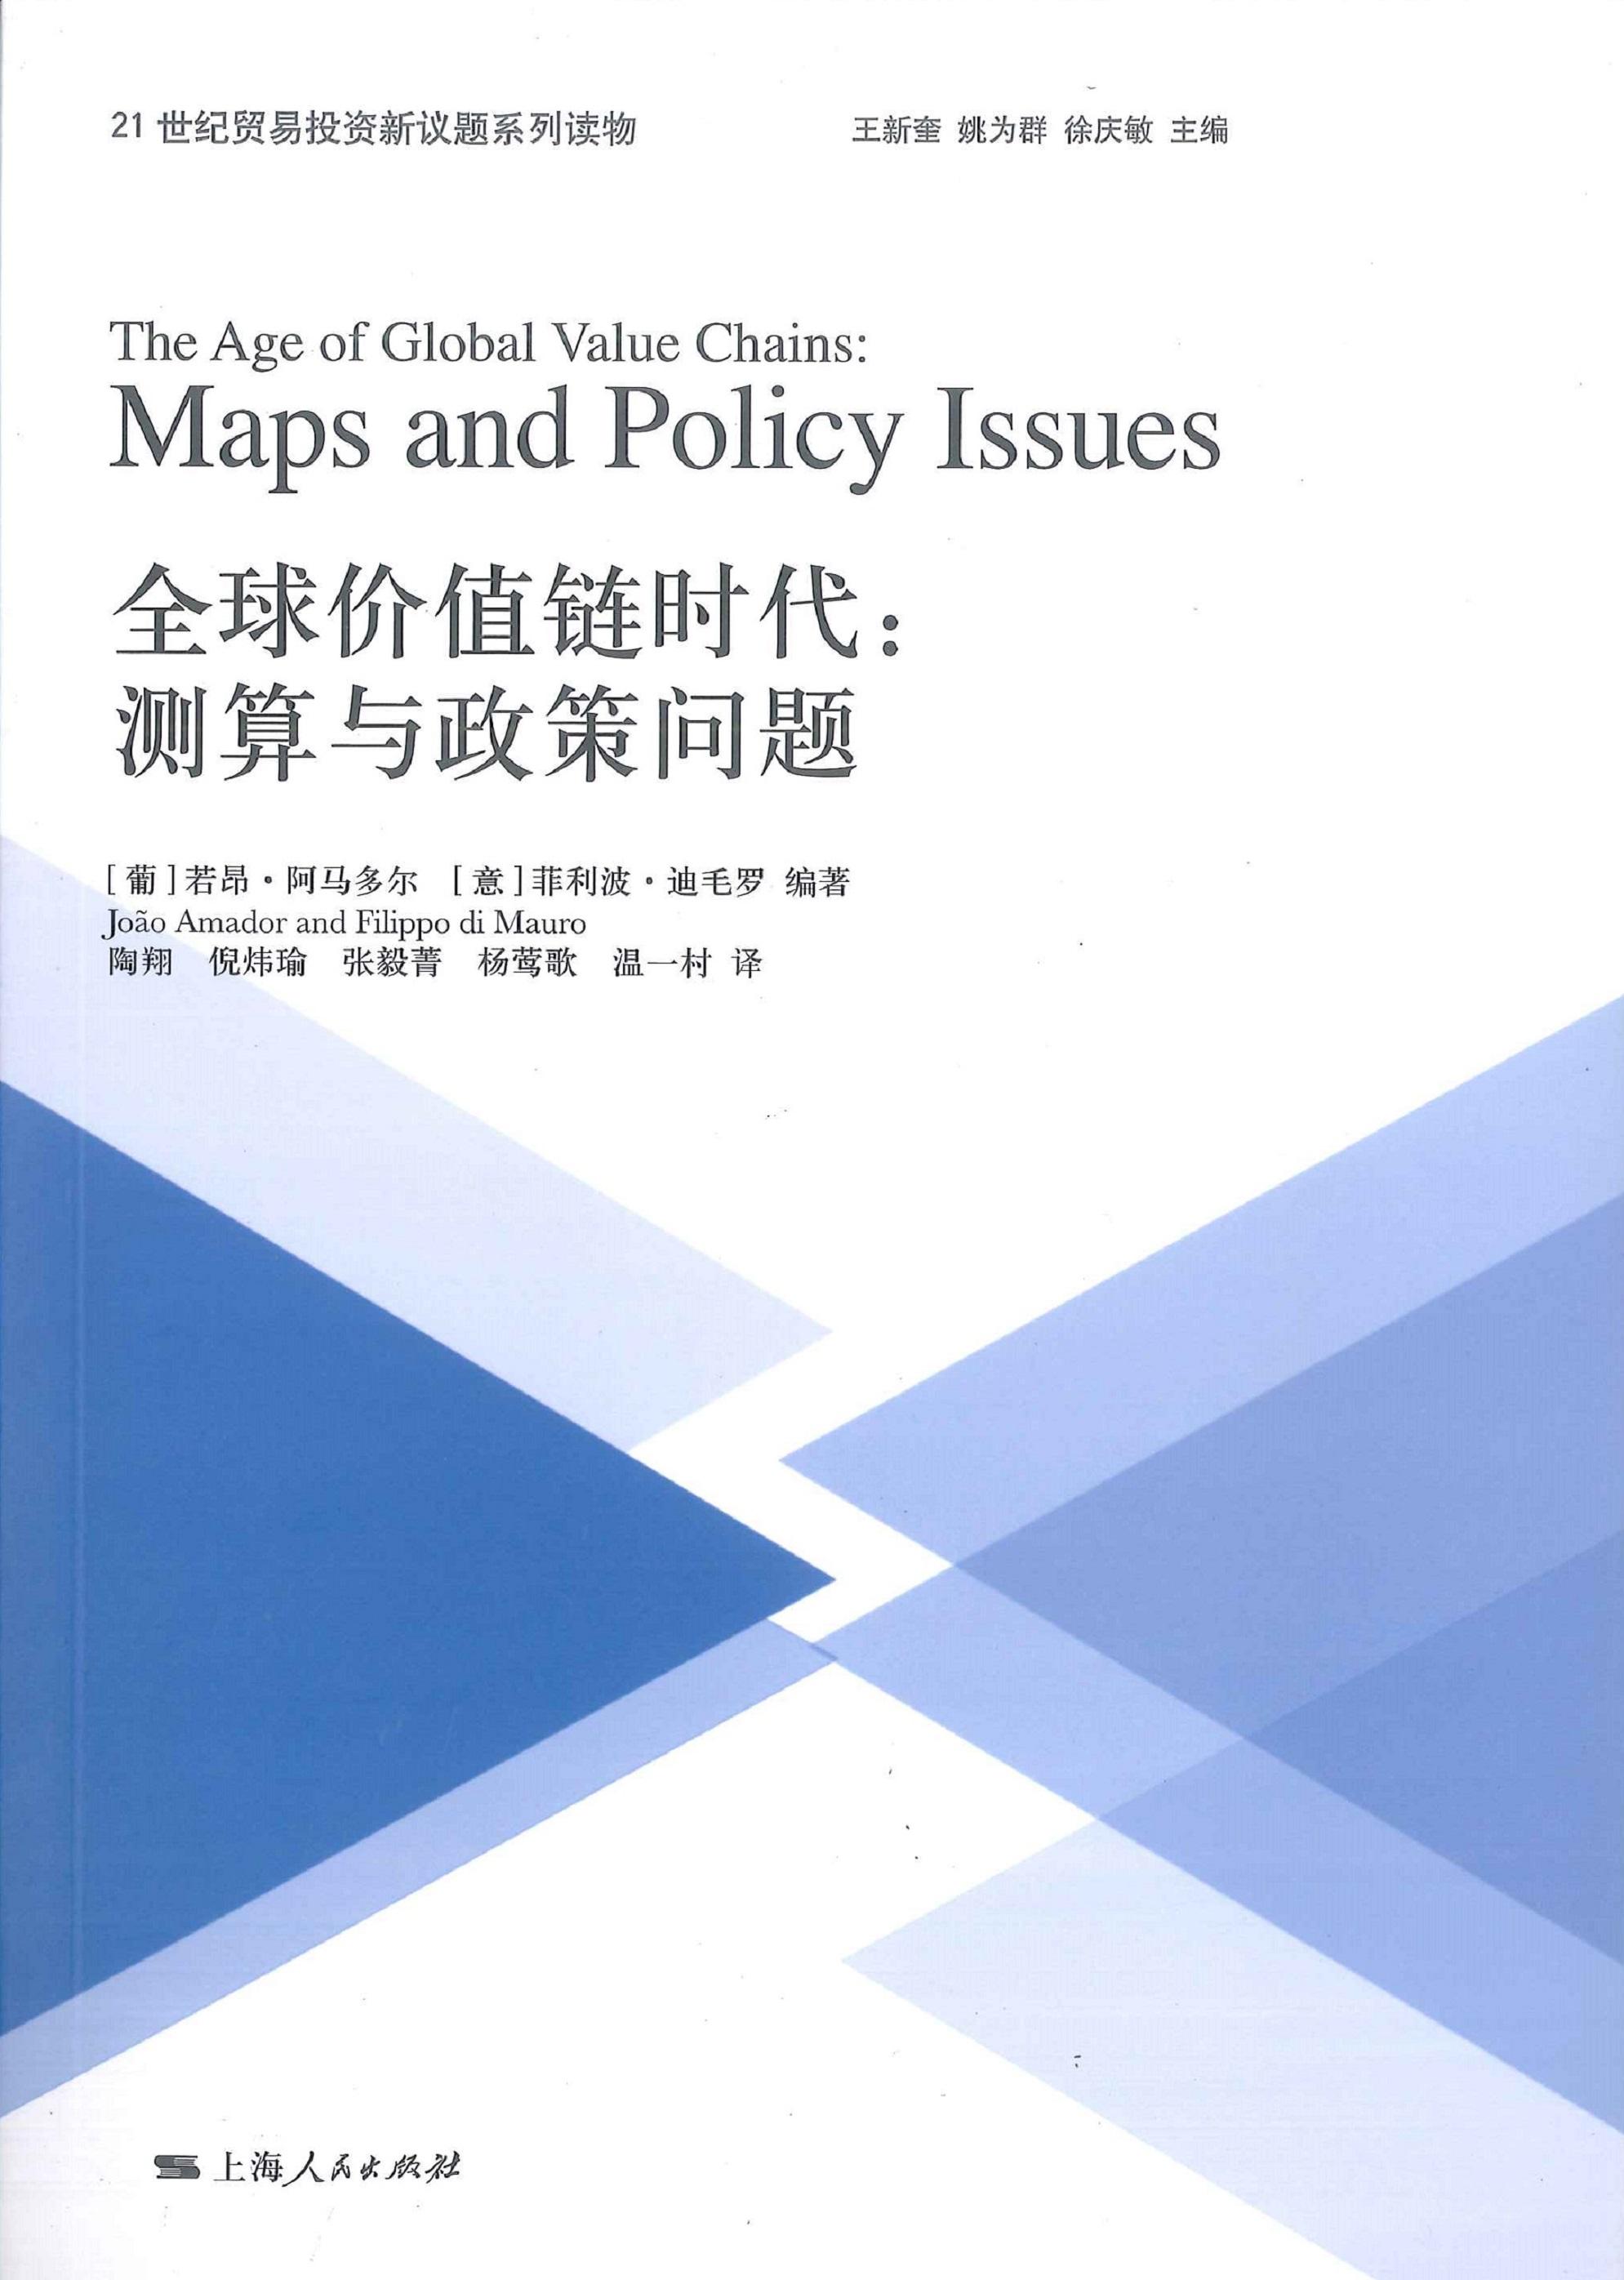 全球价值链时代:测算与政策问题